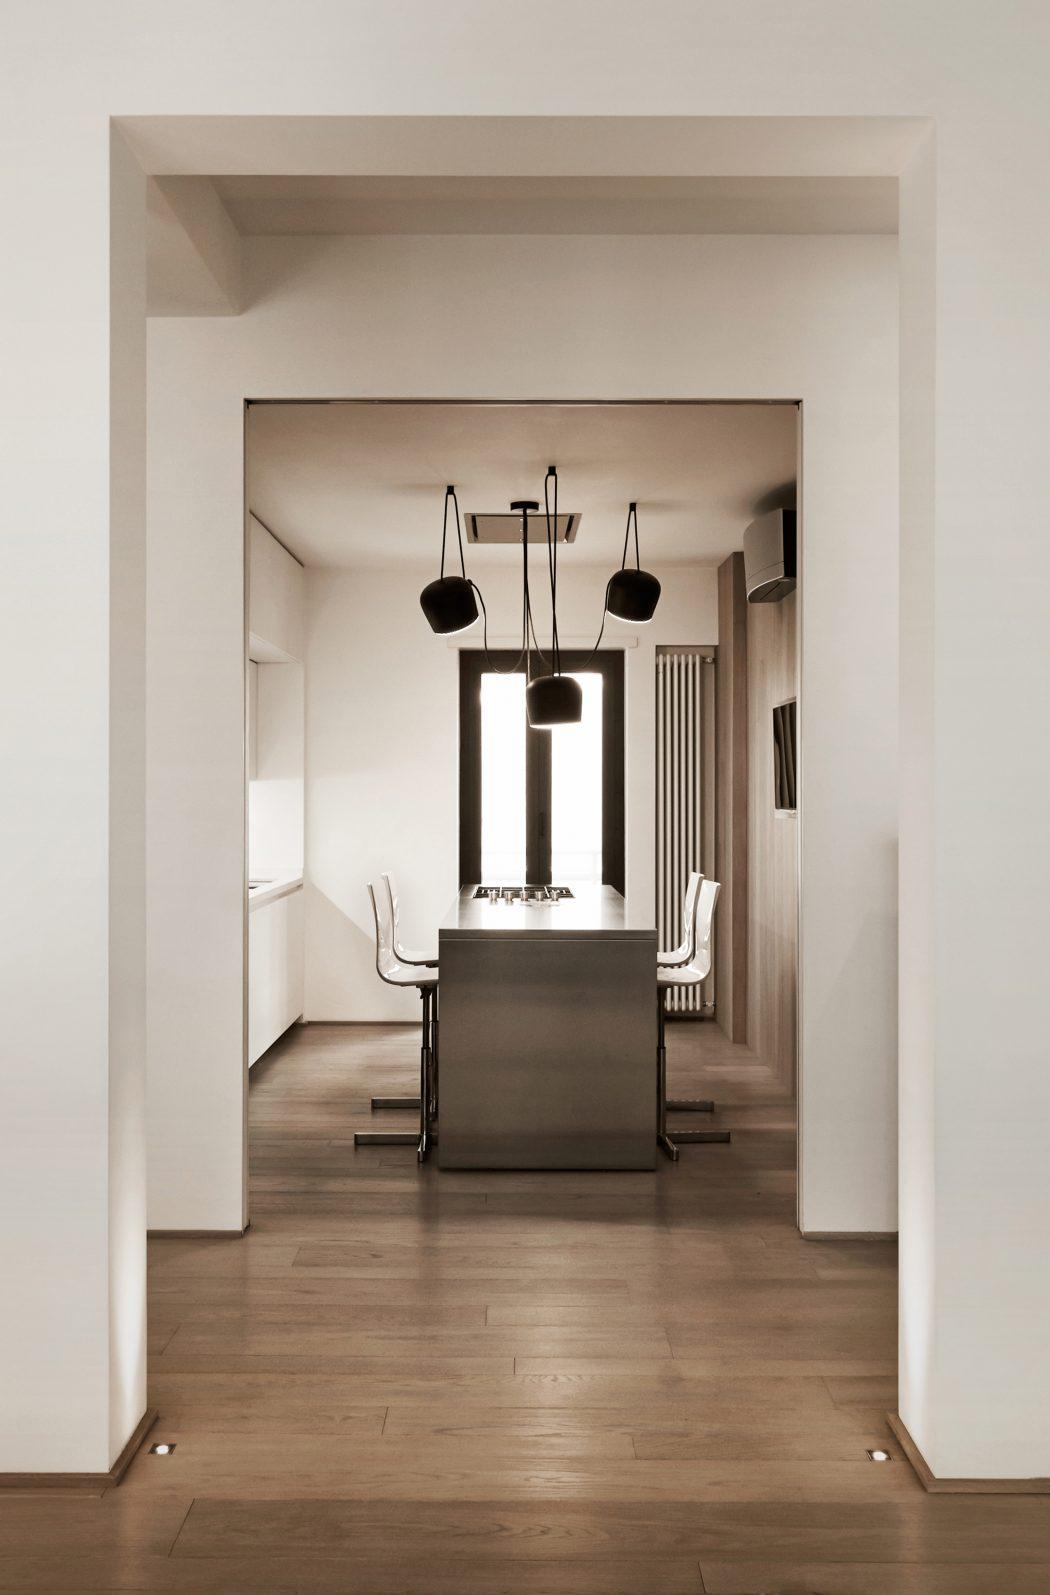 008-apartment-carola-vannini-1050x1595